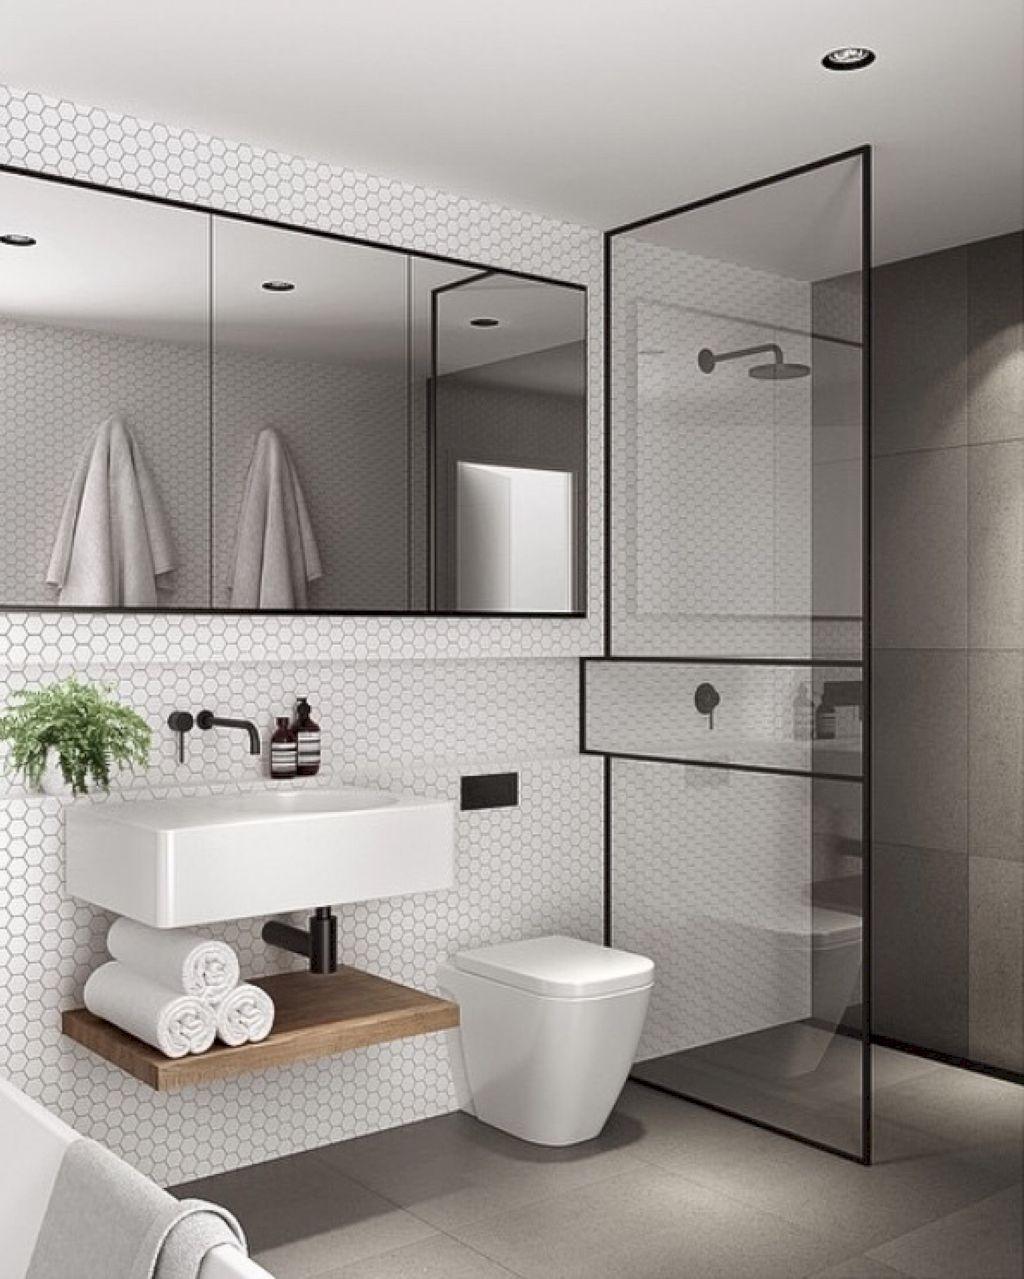 cool 56 simple and minimalist bathroom remodel ideas https on bathroom renovation ideas nz id=79818